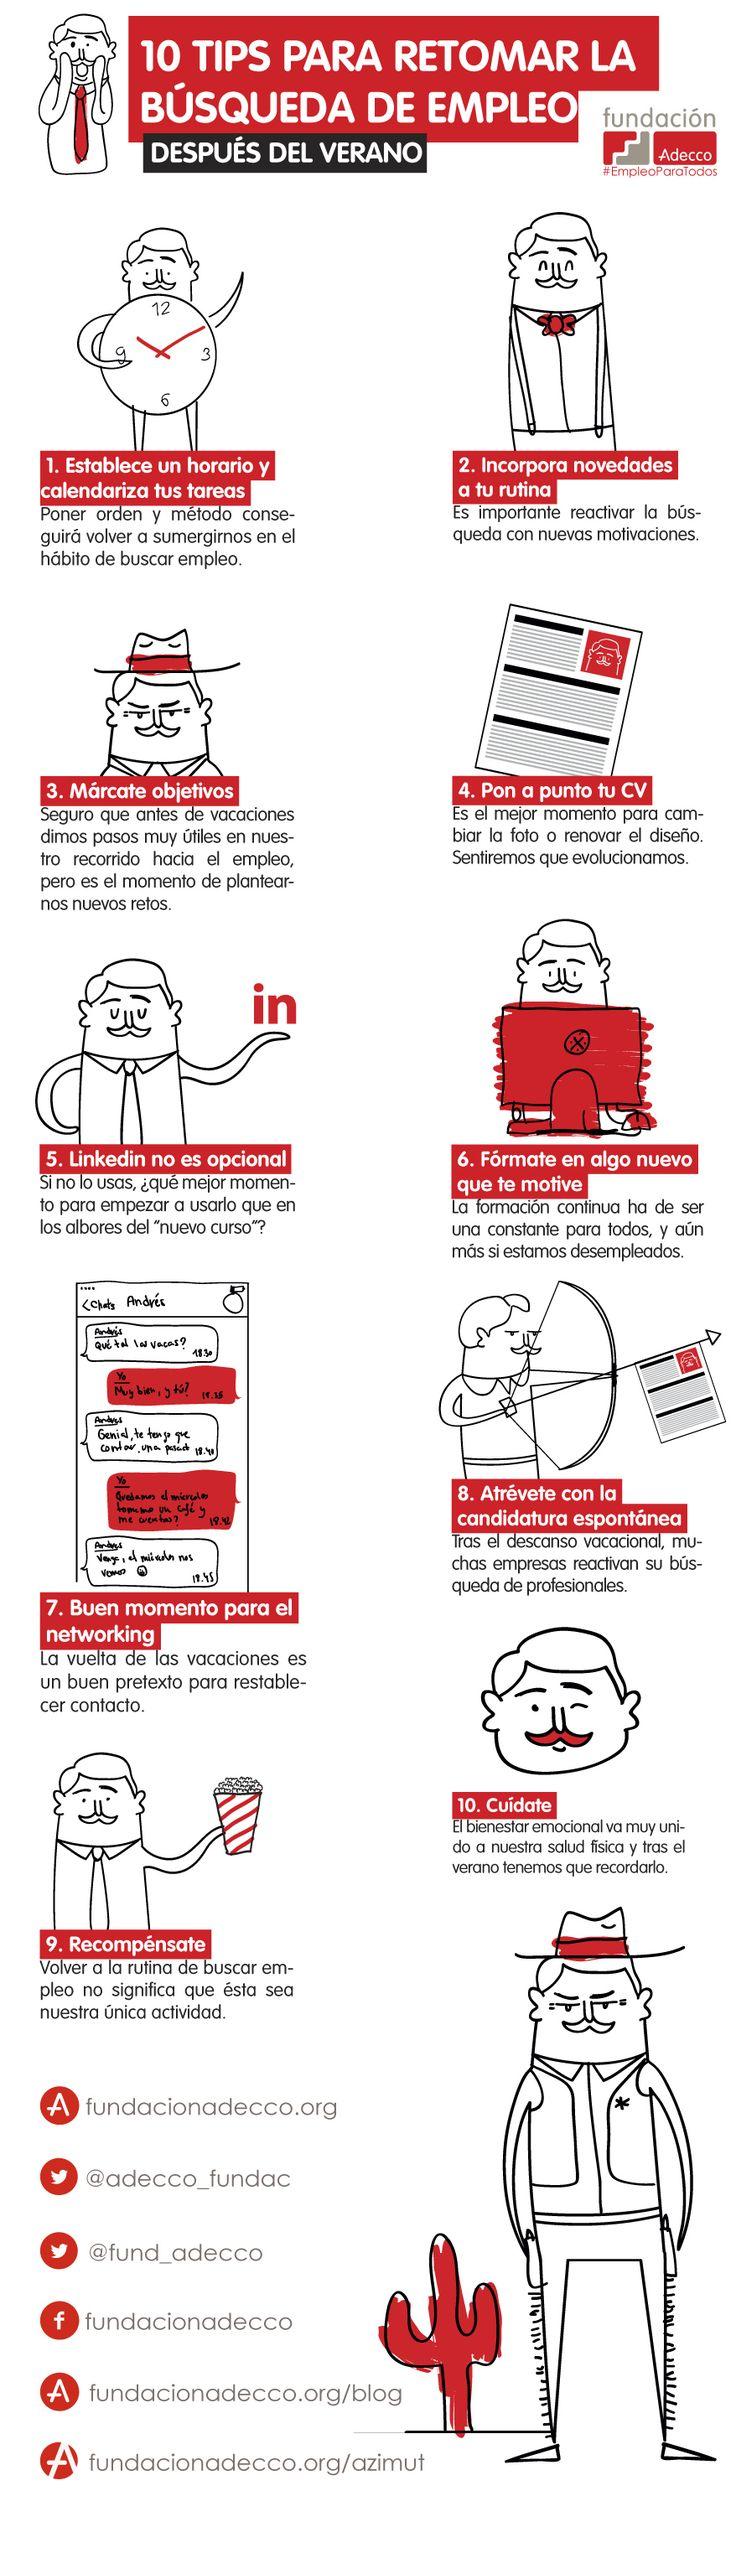 ¿Cómo buscar empleo acabado el verano? @prixline #trabajo #empleo #formacion